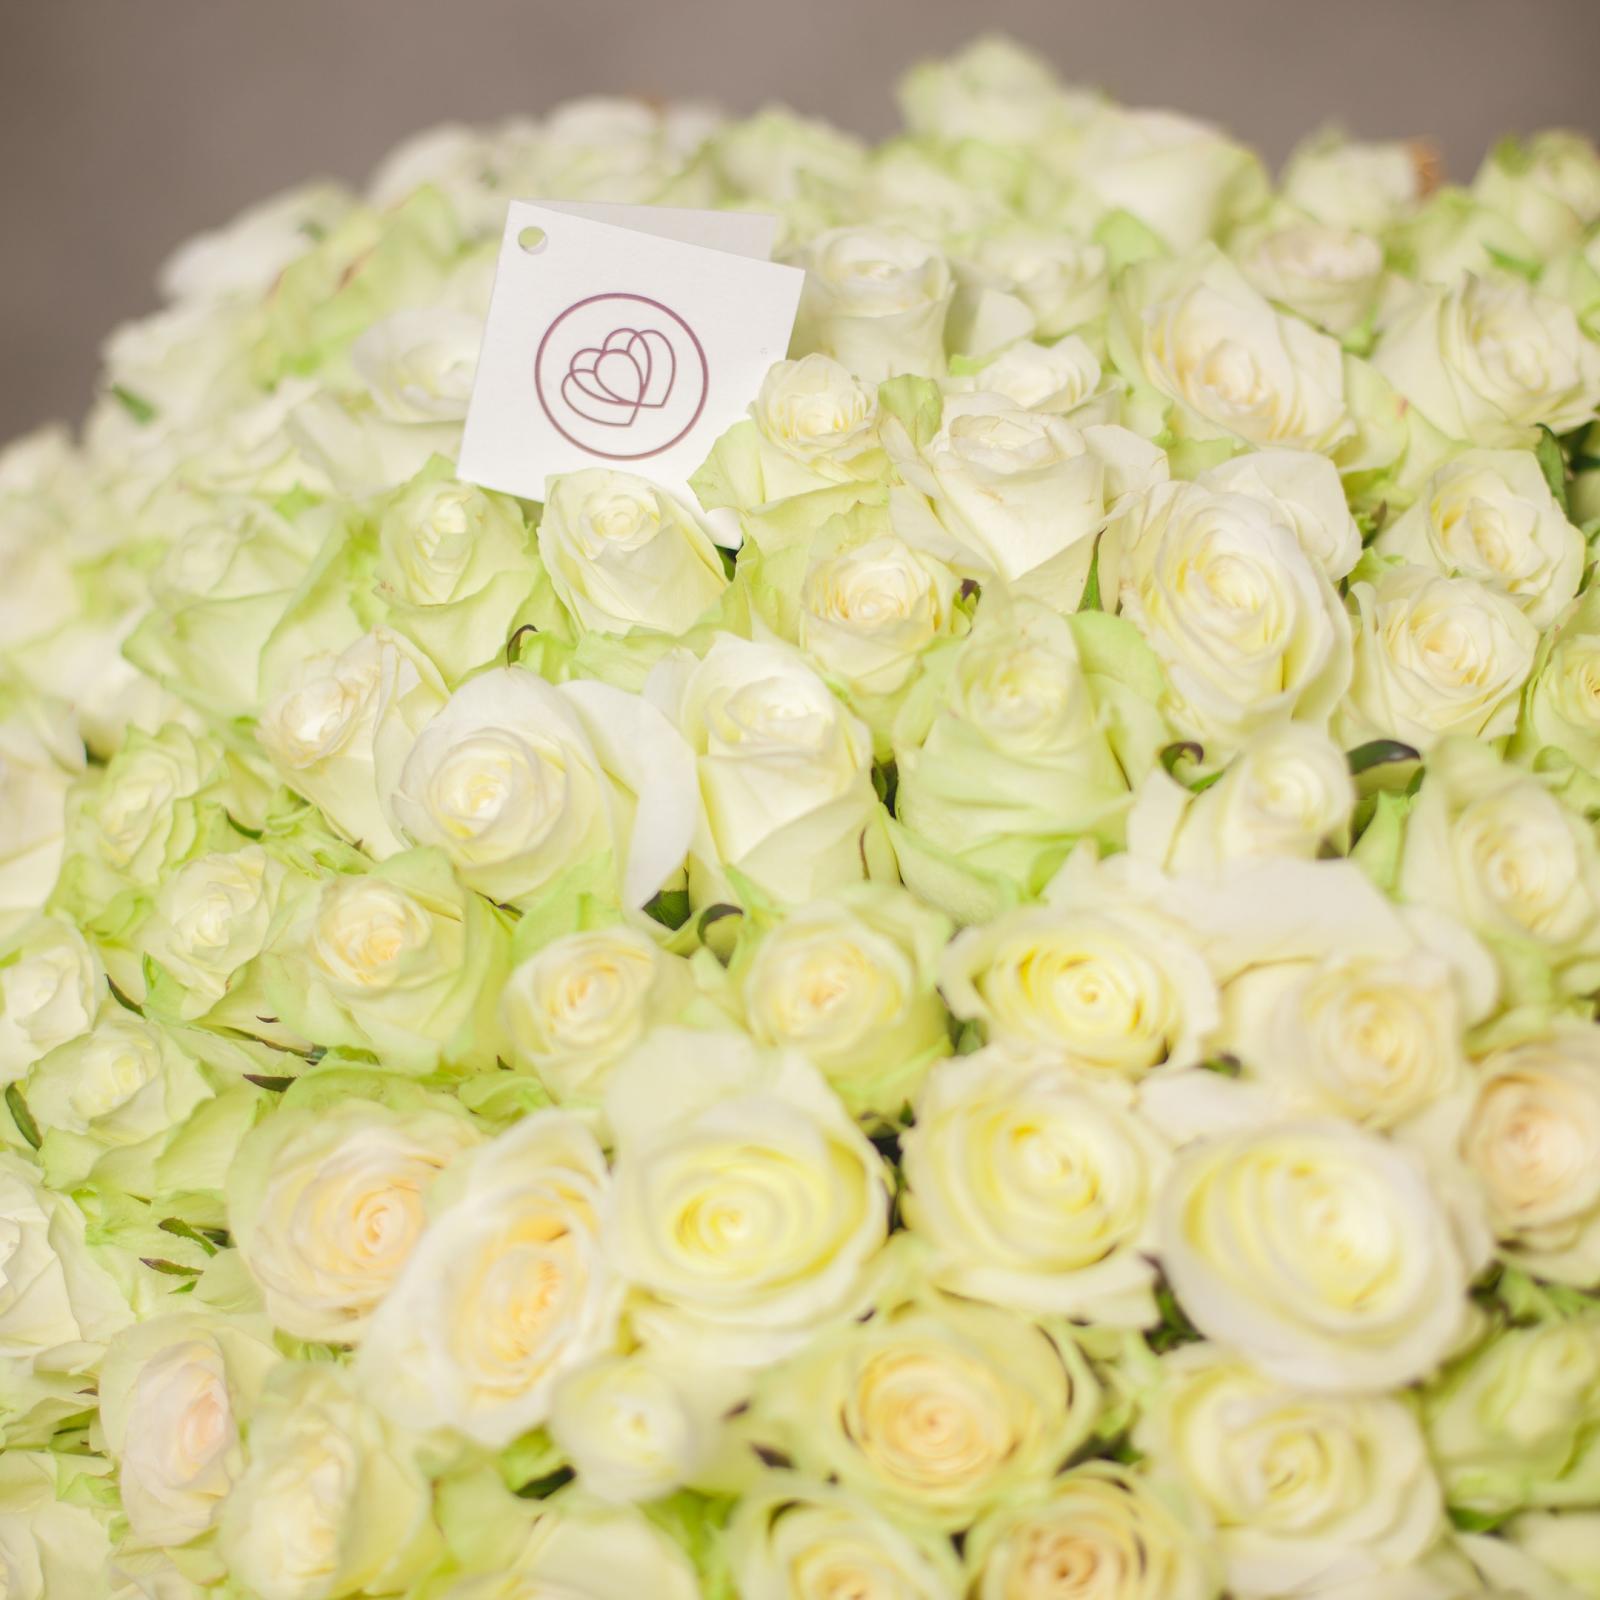 Белые розы: лучшие сорта, особенности выращивания и применения в ландшафтном дизайне